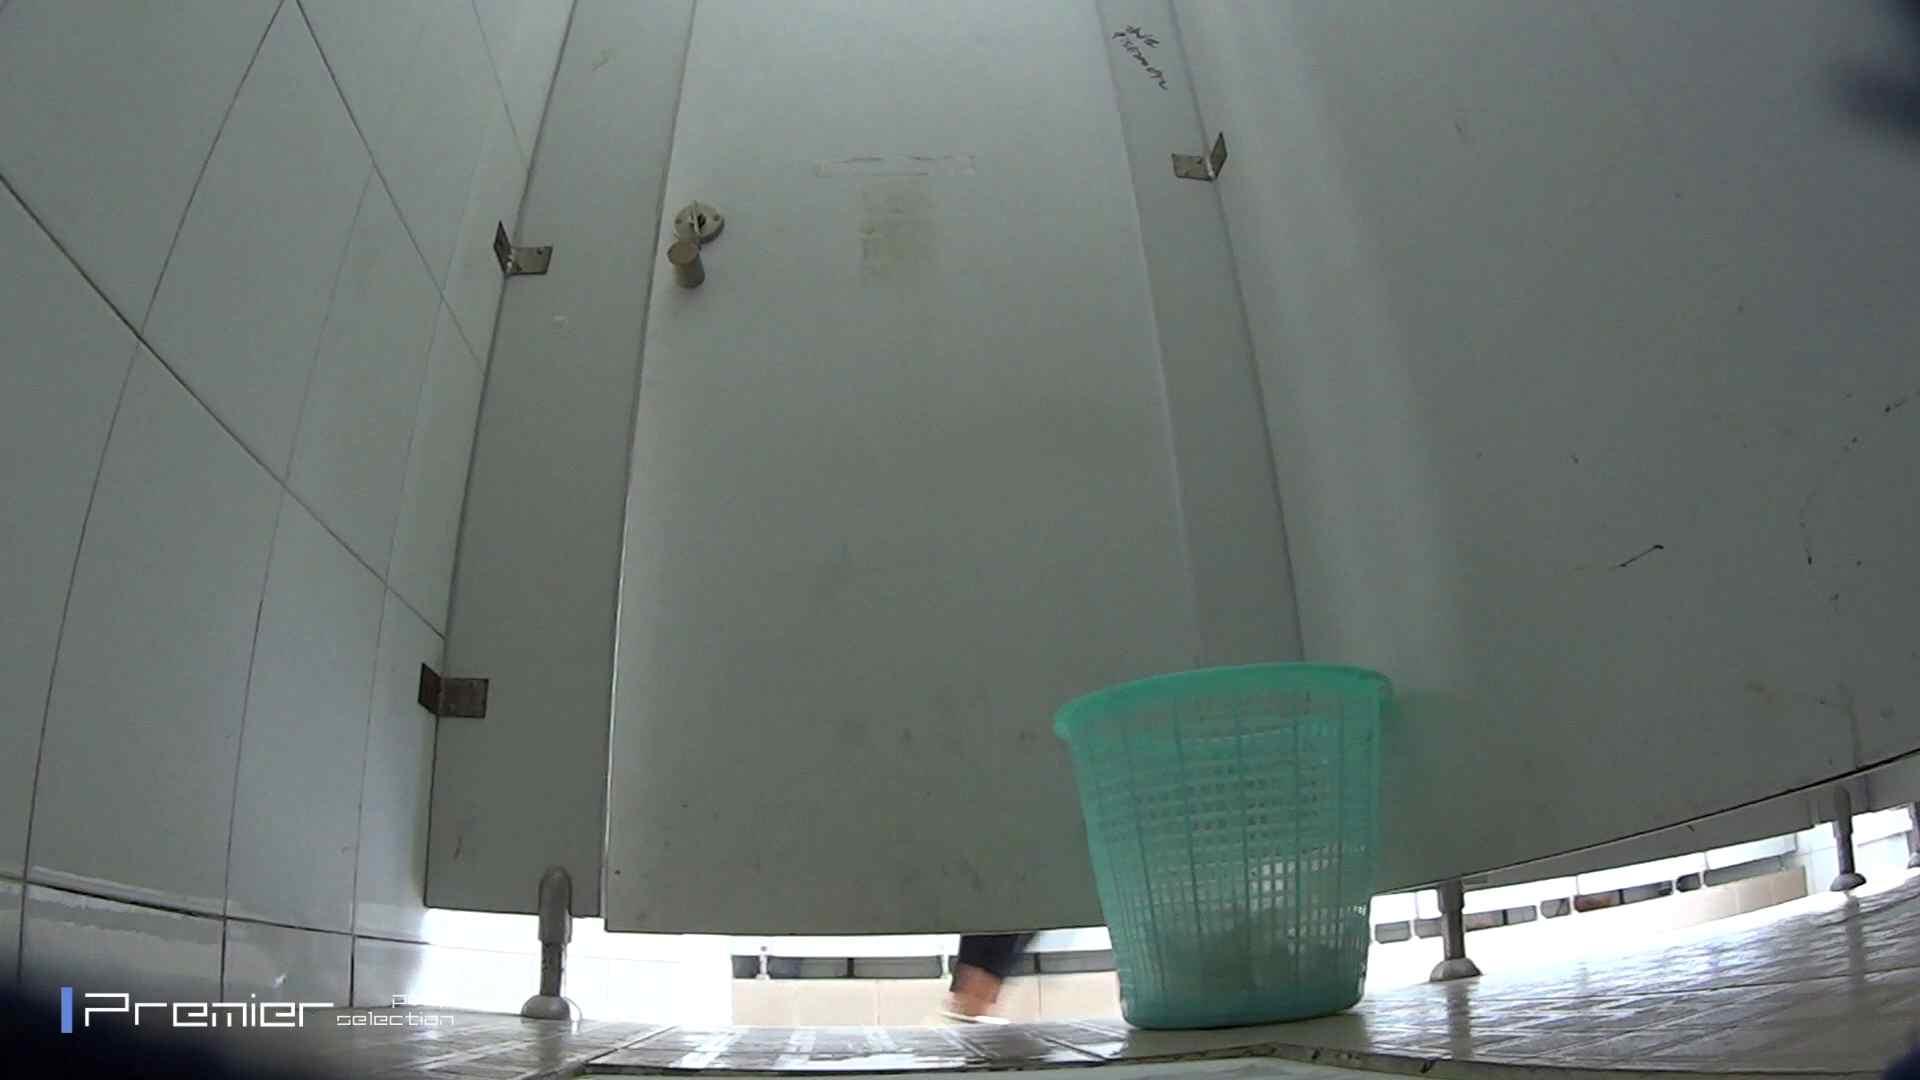 美しい女良たちのトイレ事情 有名大学休憩時間の洗面所事情06 盗撮編 | お姉さんのSEX  90枚 37